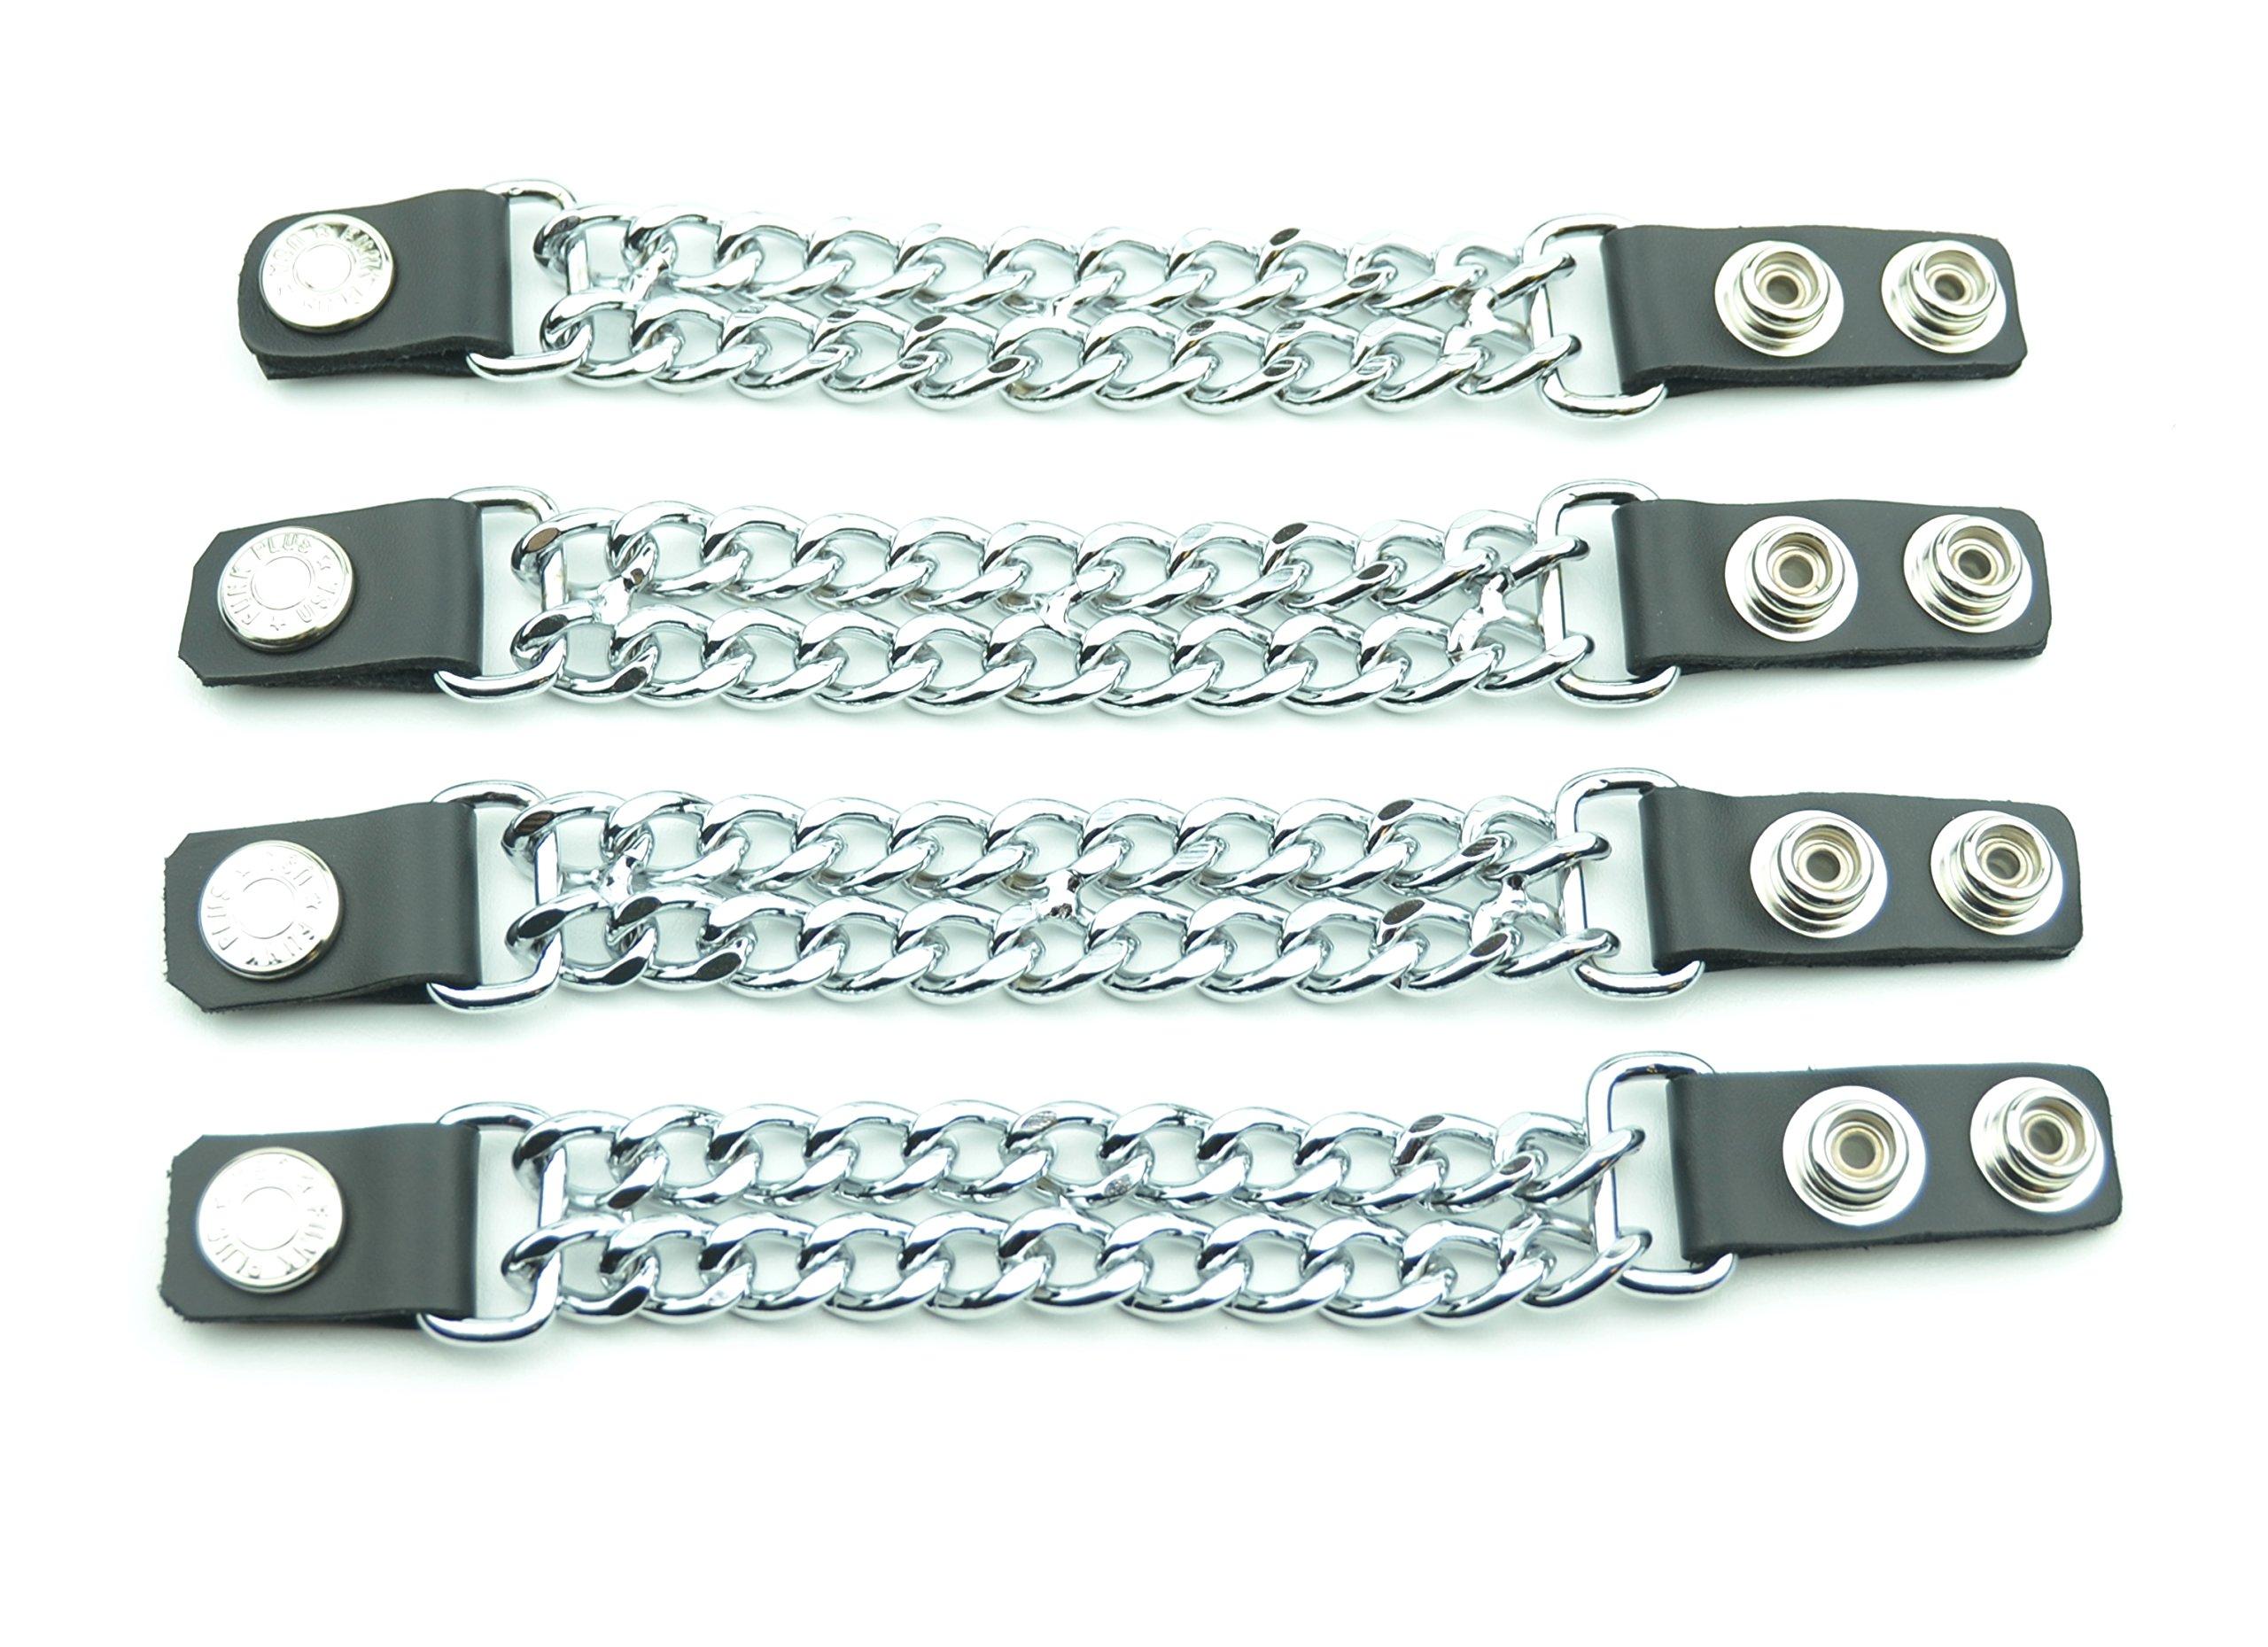 Vest Extenders Leather & Double Chrome Chain 4 Pcs